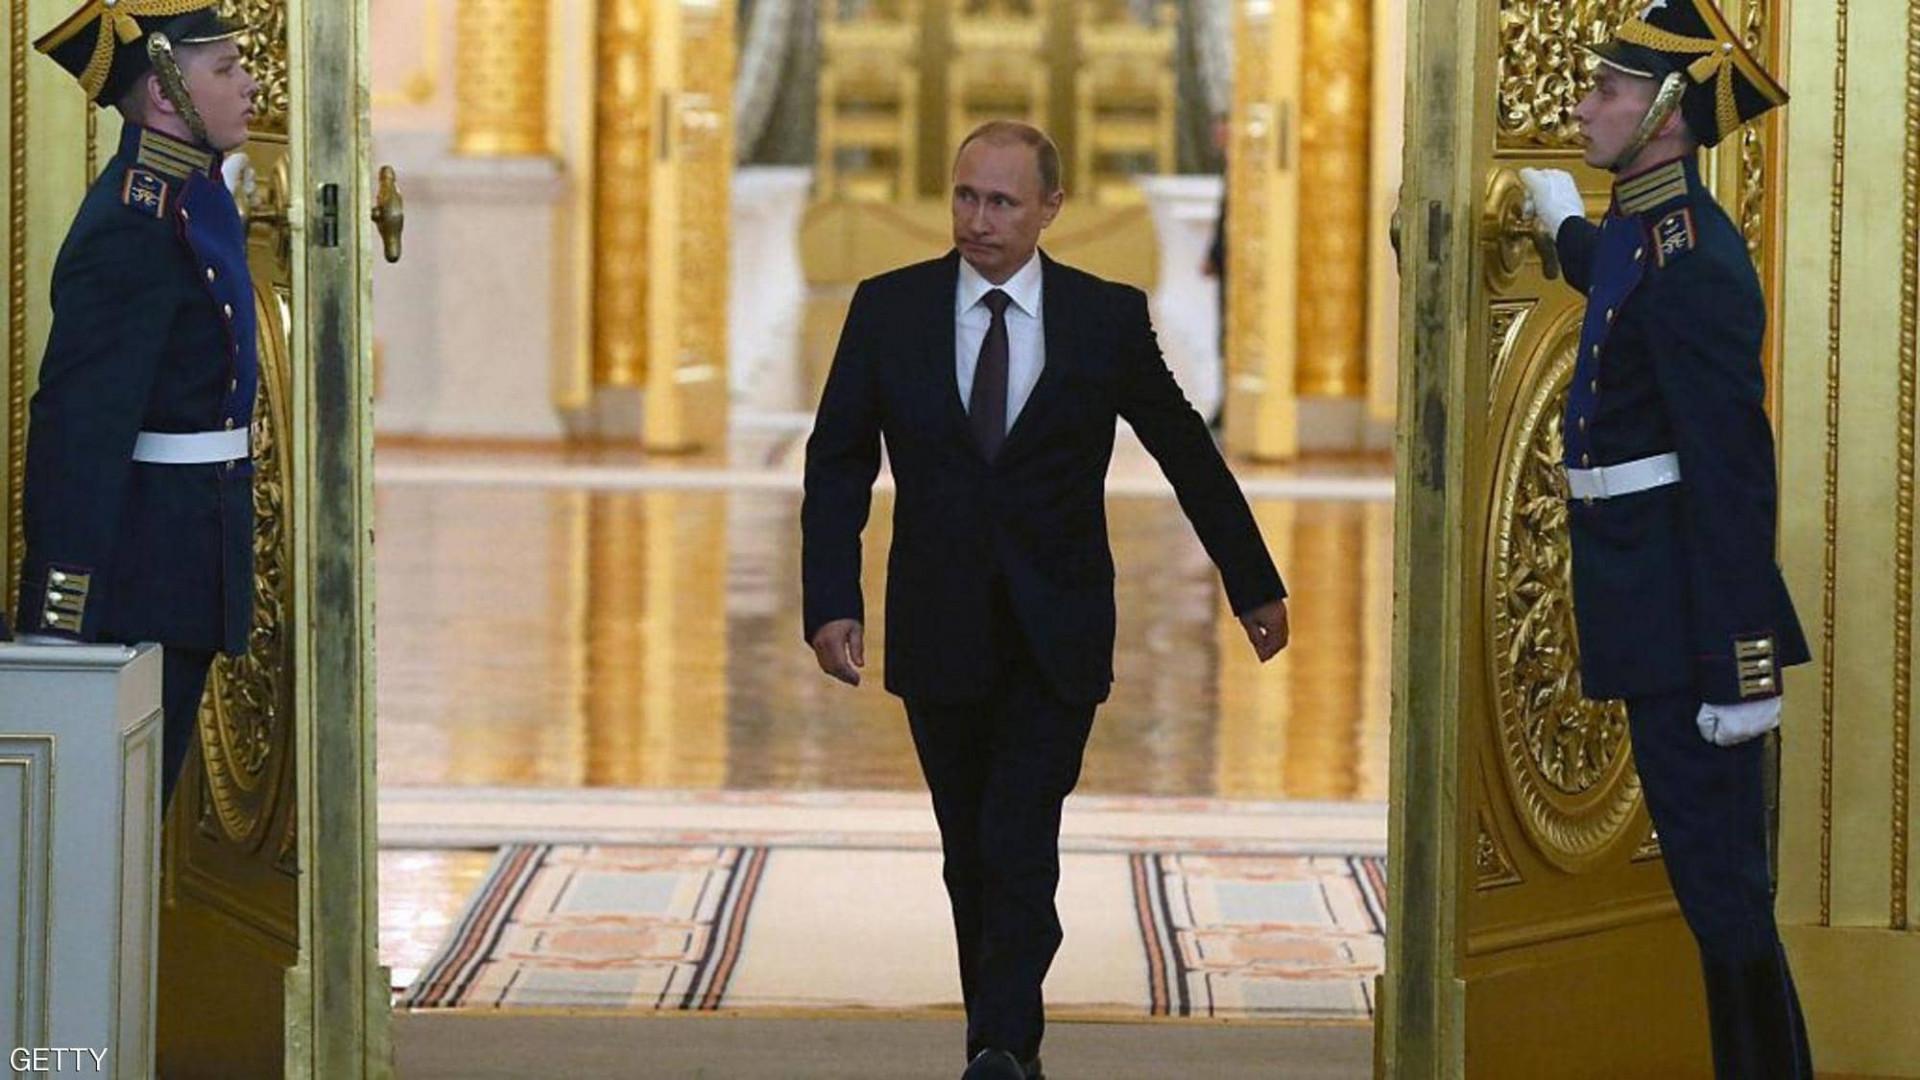 بوتين يعفي سفير روسيا من مهامه ويعين كوتراشيف بديلاً عنه